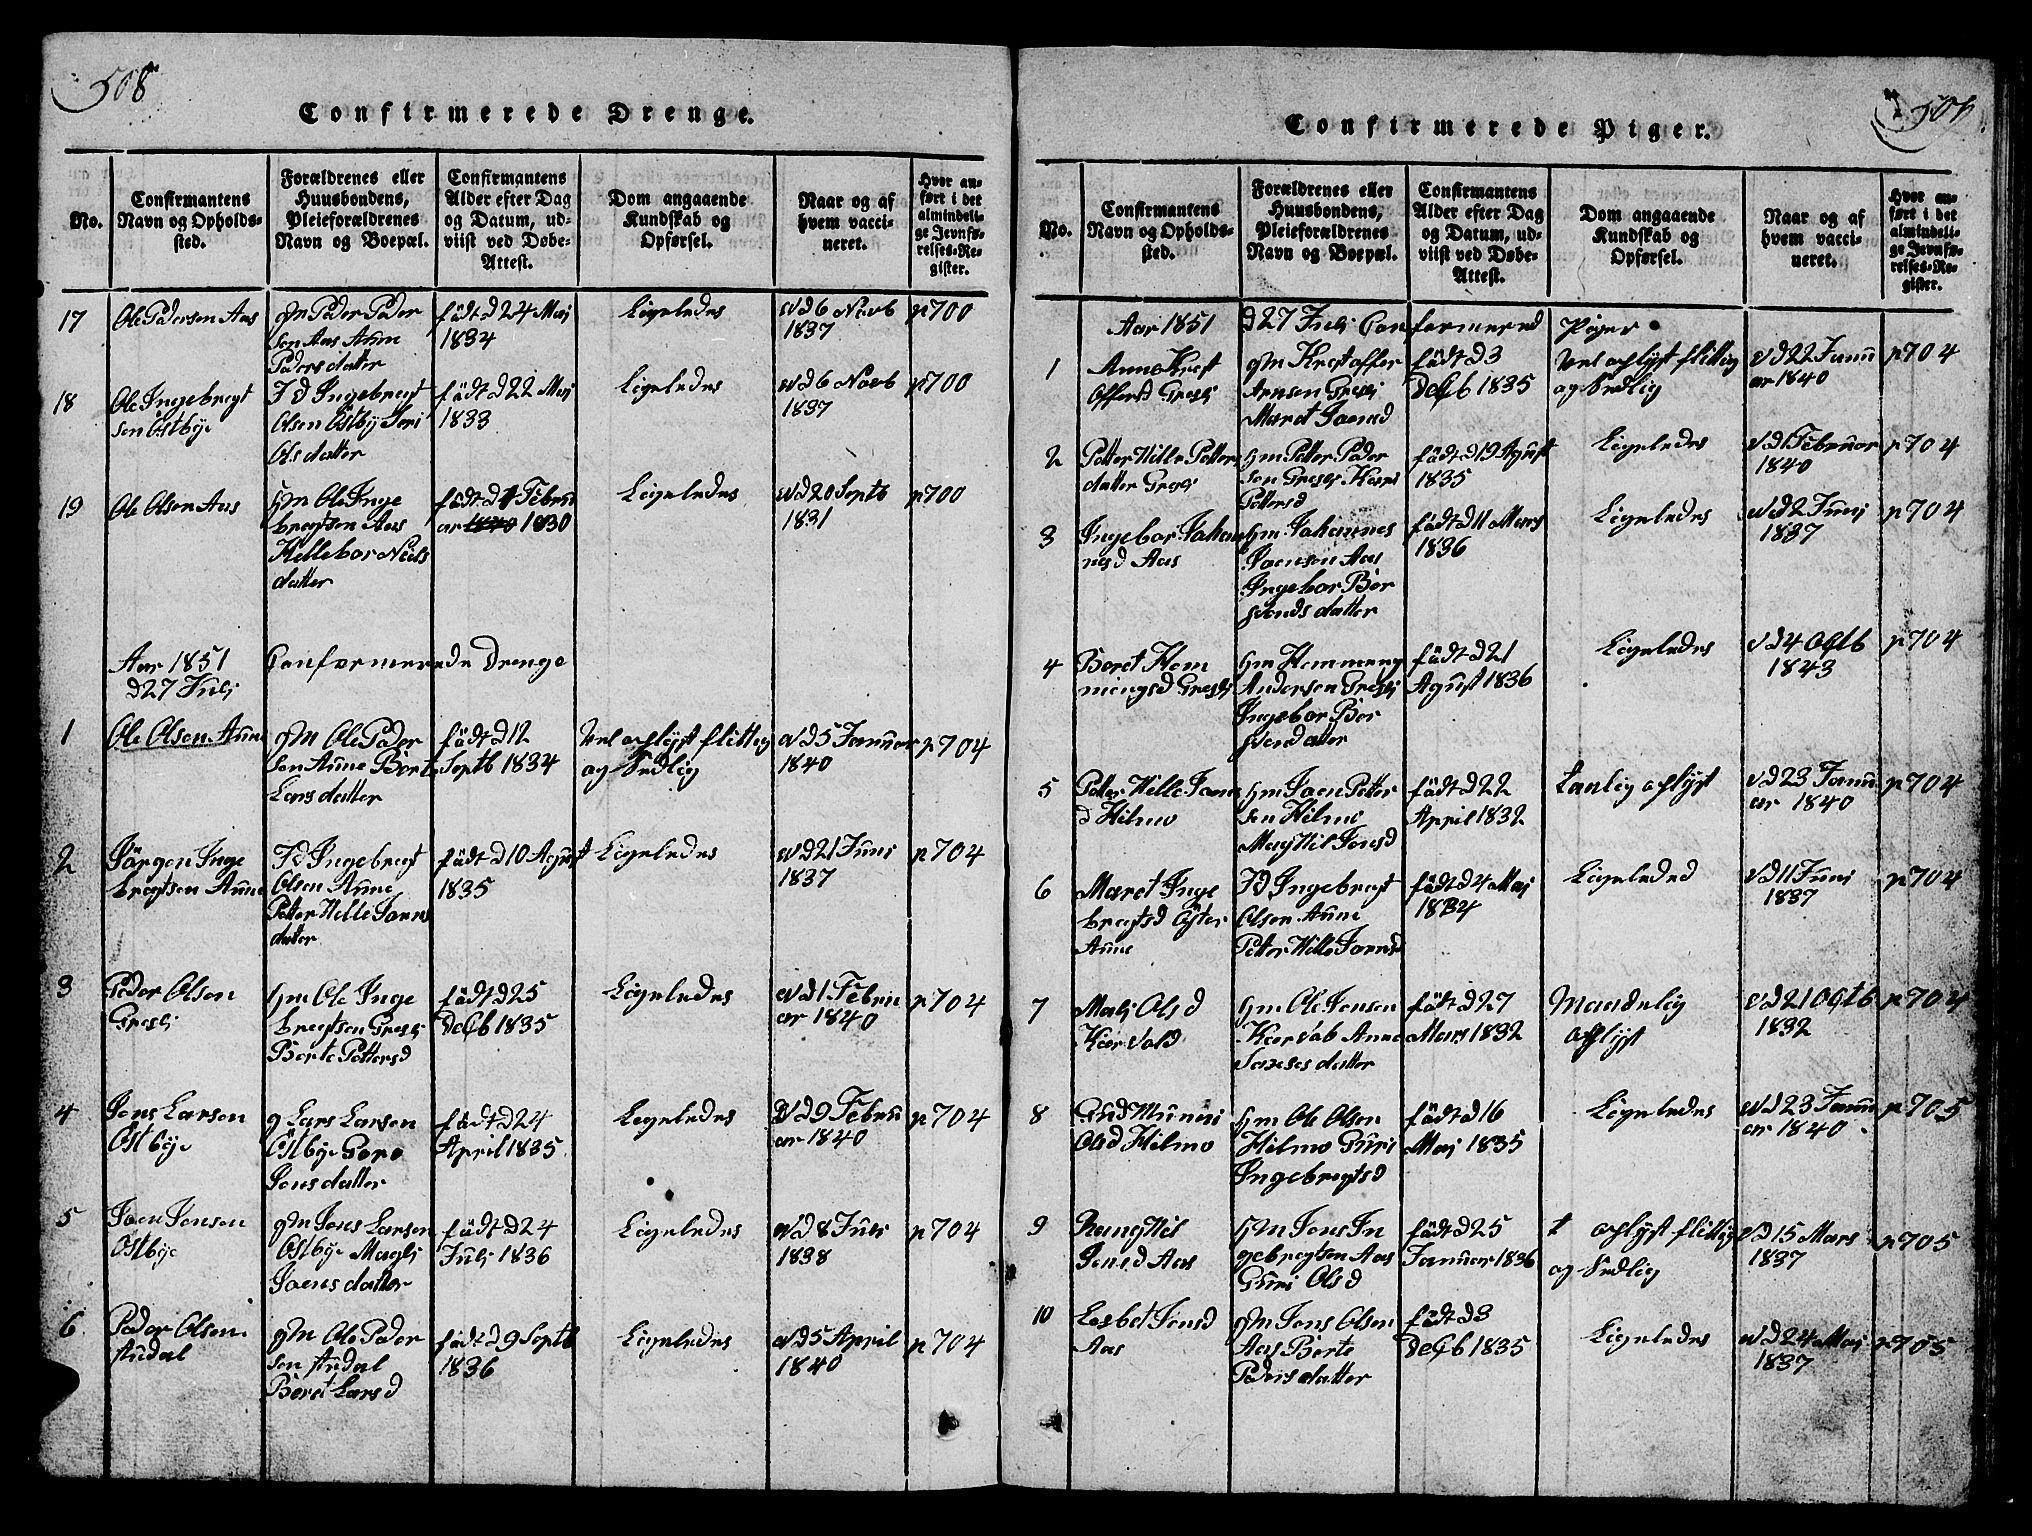 SAT, Ministerialprotokoller, klokkerbøker og fødselsregistre - Sør-Trøndelag, 698/L1164: Klokkerbok nr. 698C01, 1816-1861, s. 508-509